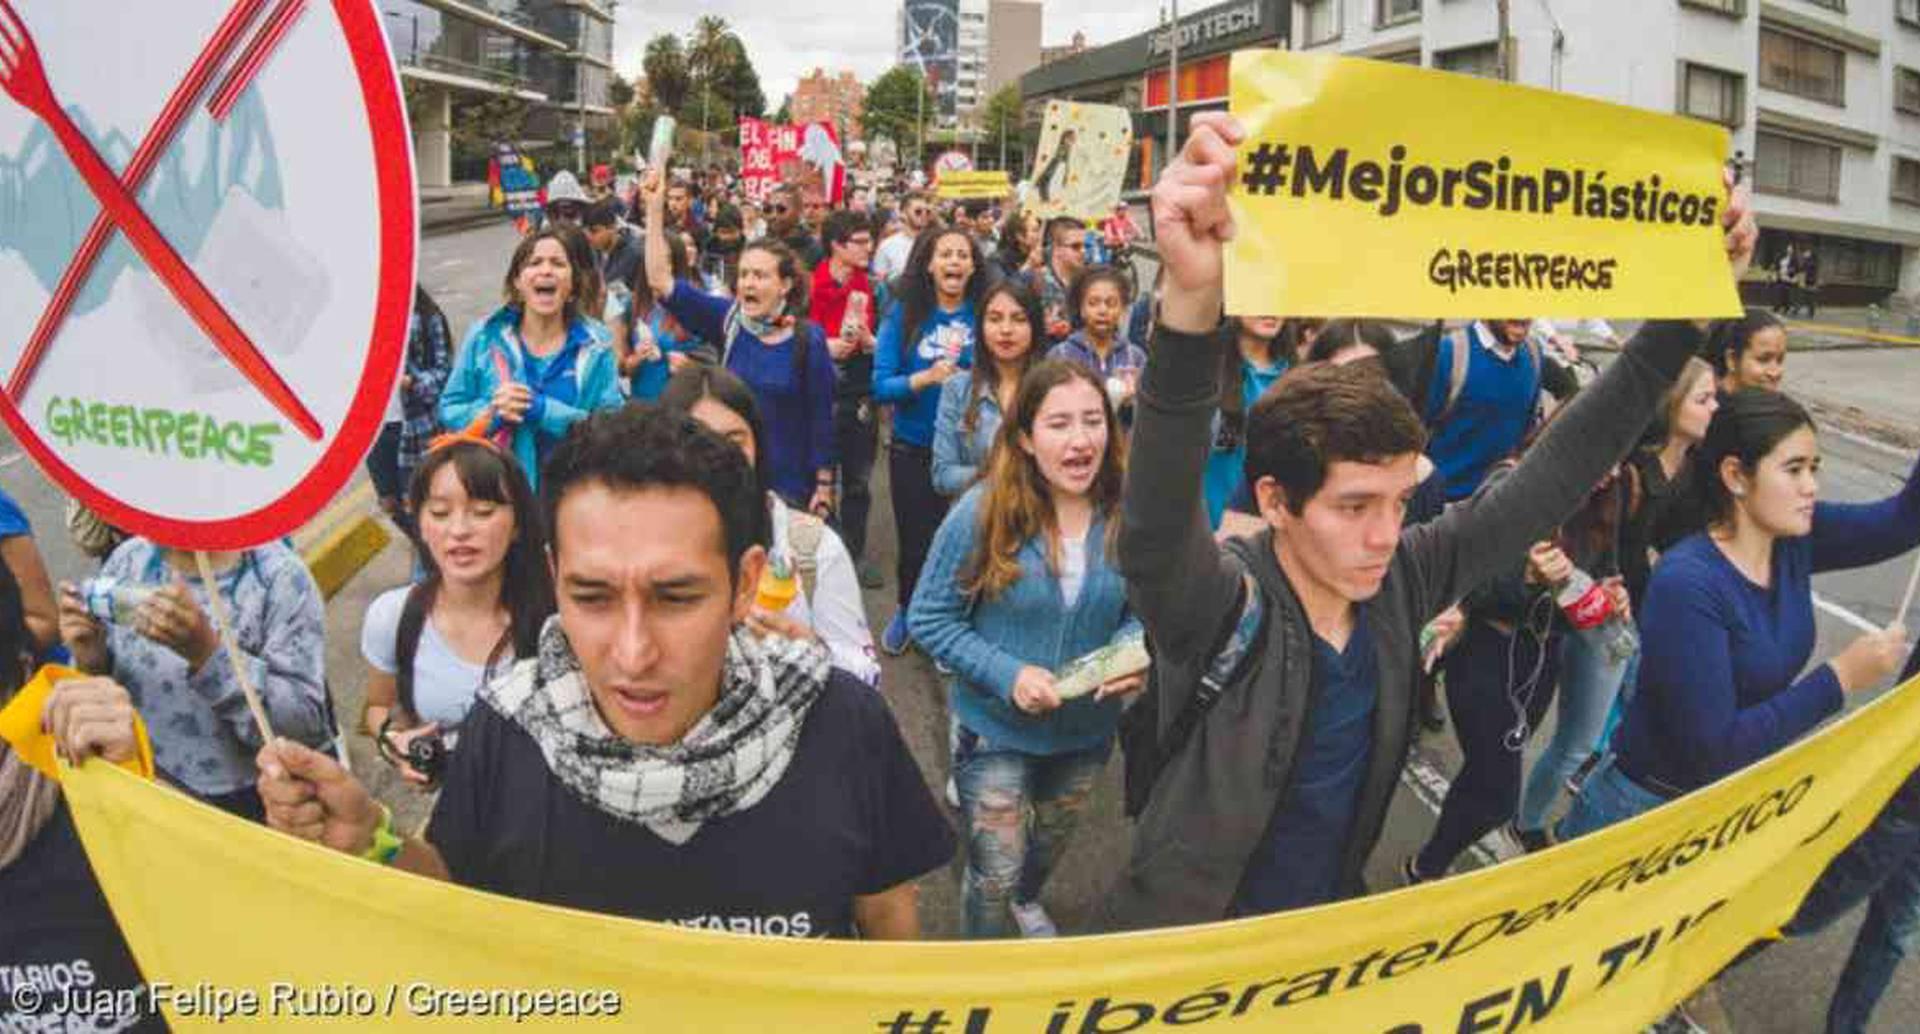 La organización Greenpeace anunció su respaldo a la jornada nacional de paro convocada para este miércoles. Foto: Juan Felipe Rubio/Greenpeace